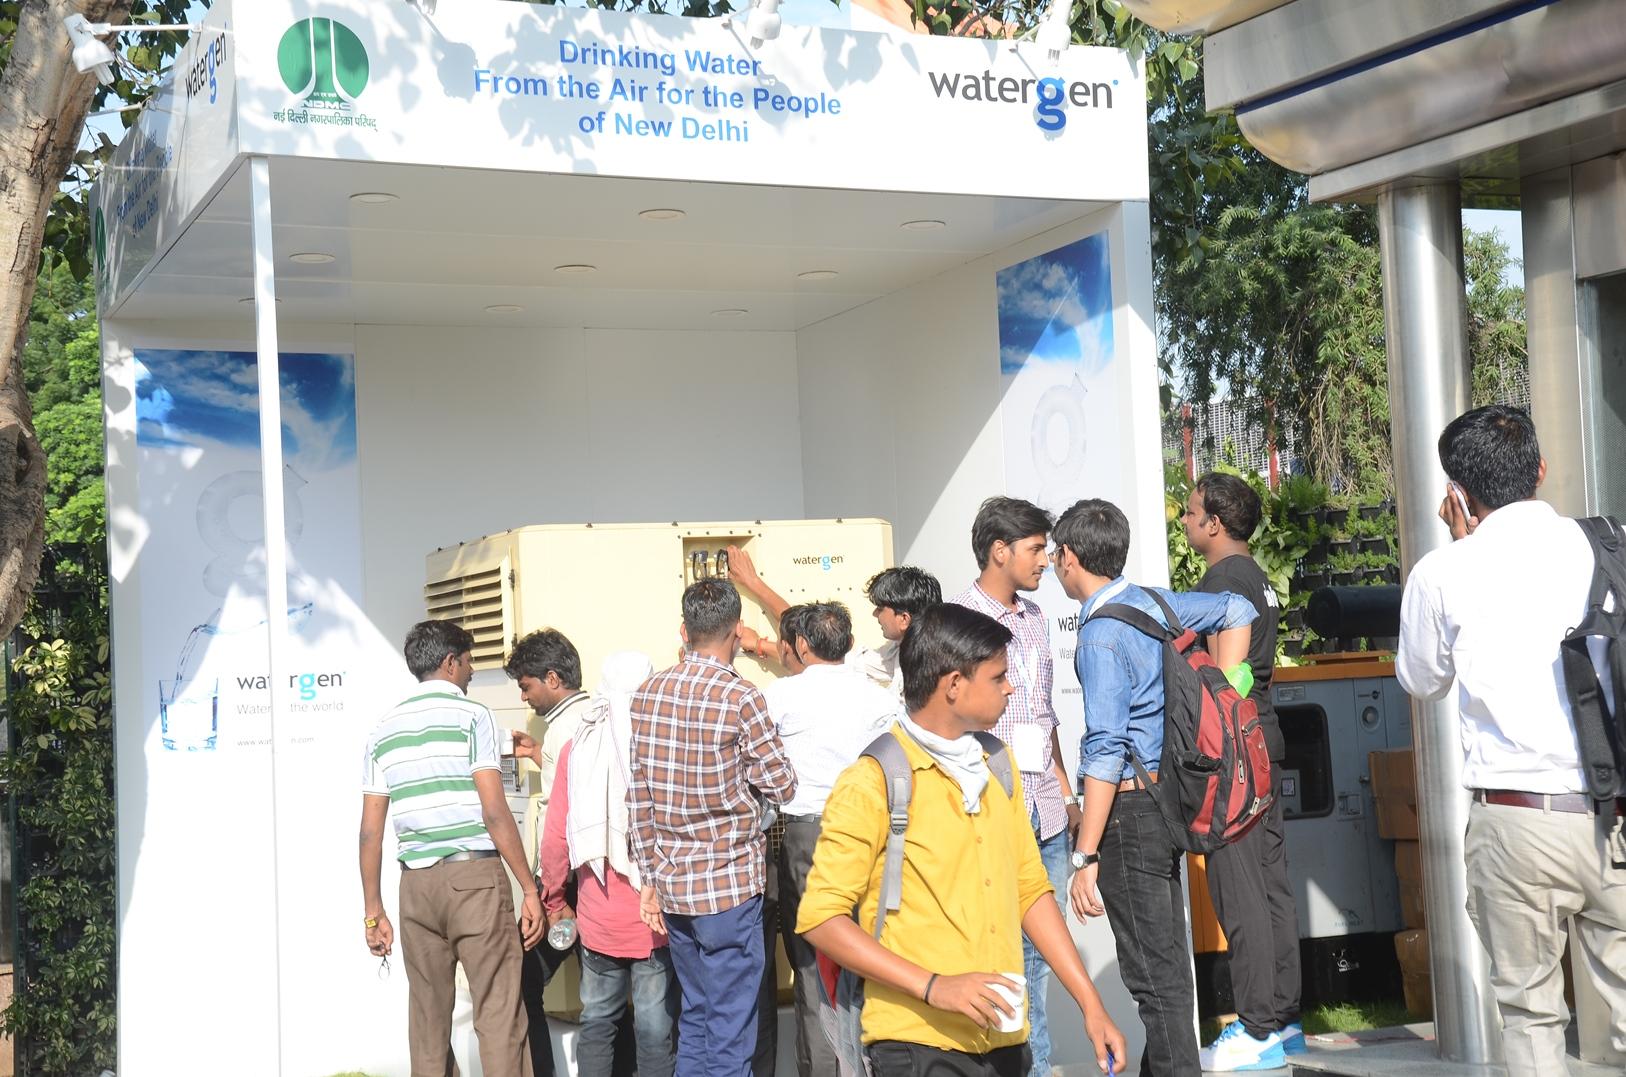 A Watergen unit in New Delhi. Photo: courtesy